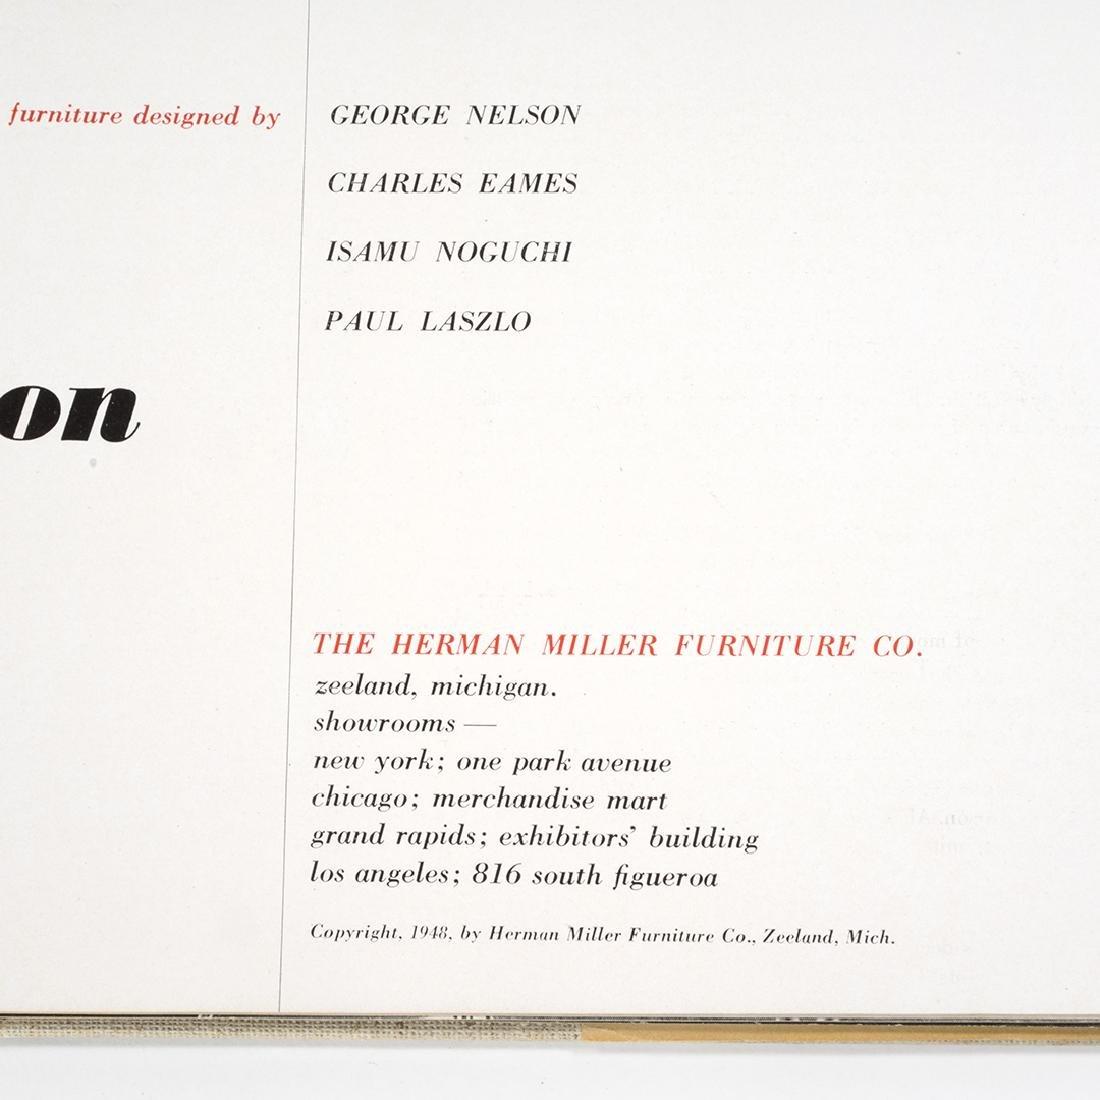 Herman Miller 1948 Catalog - 2